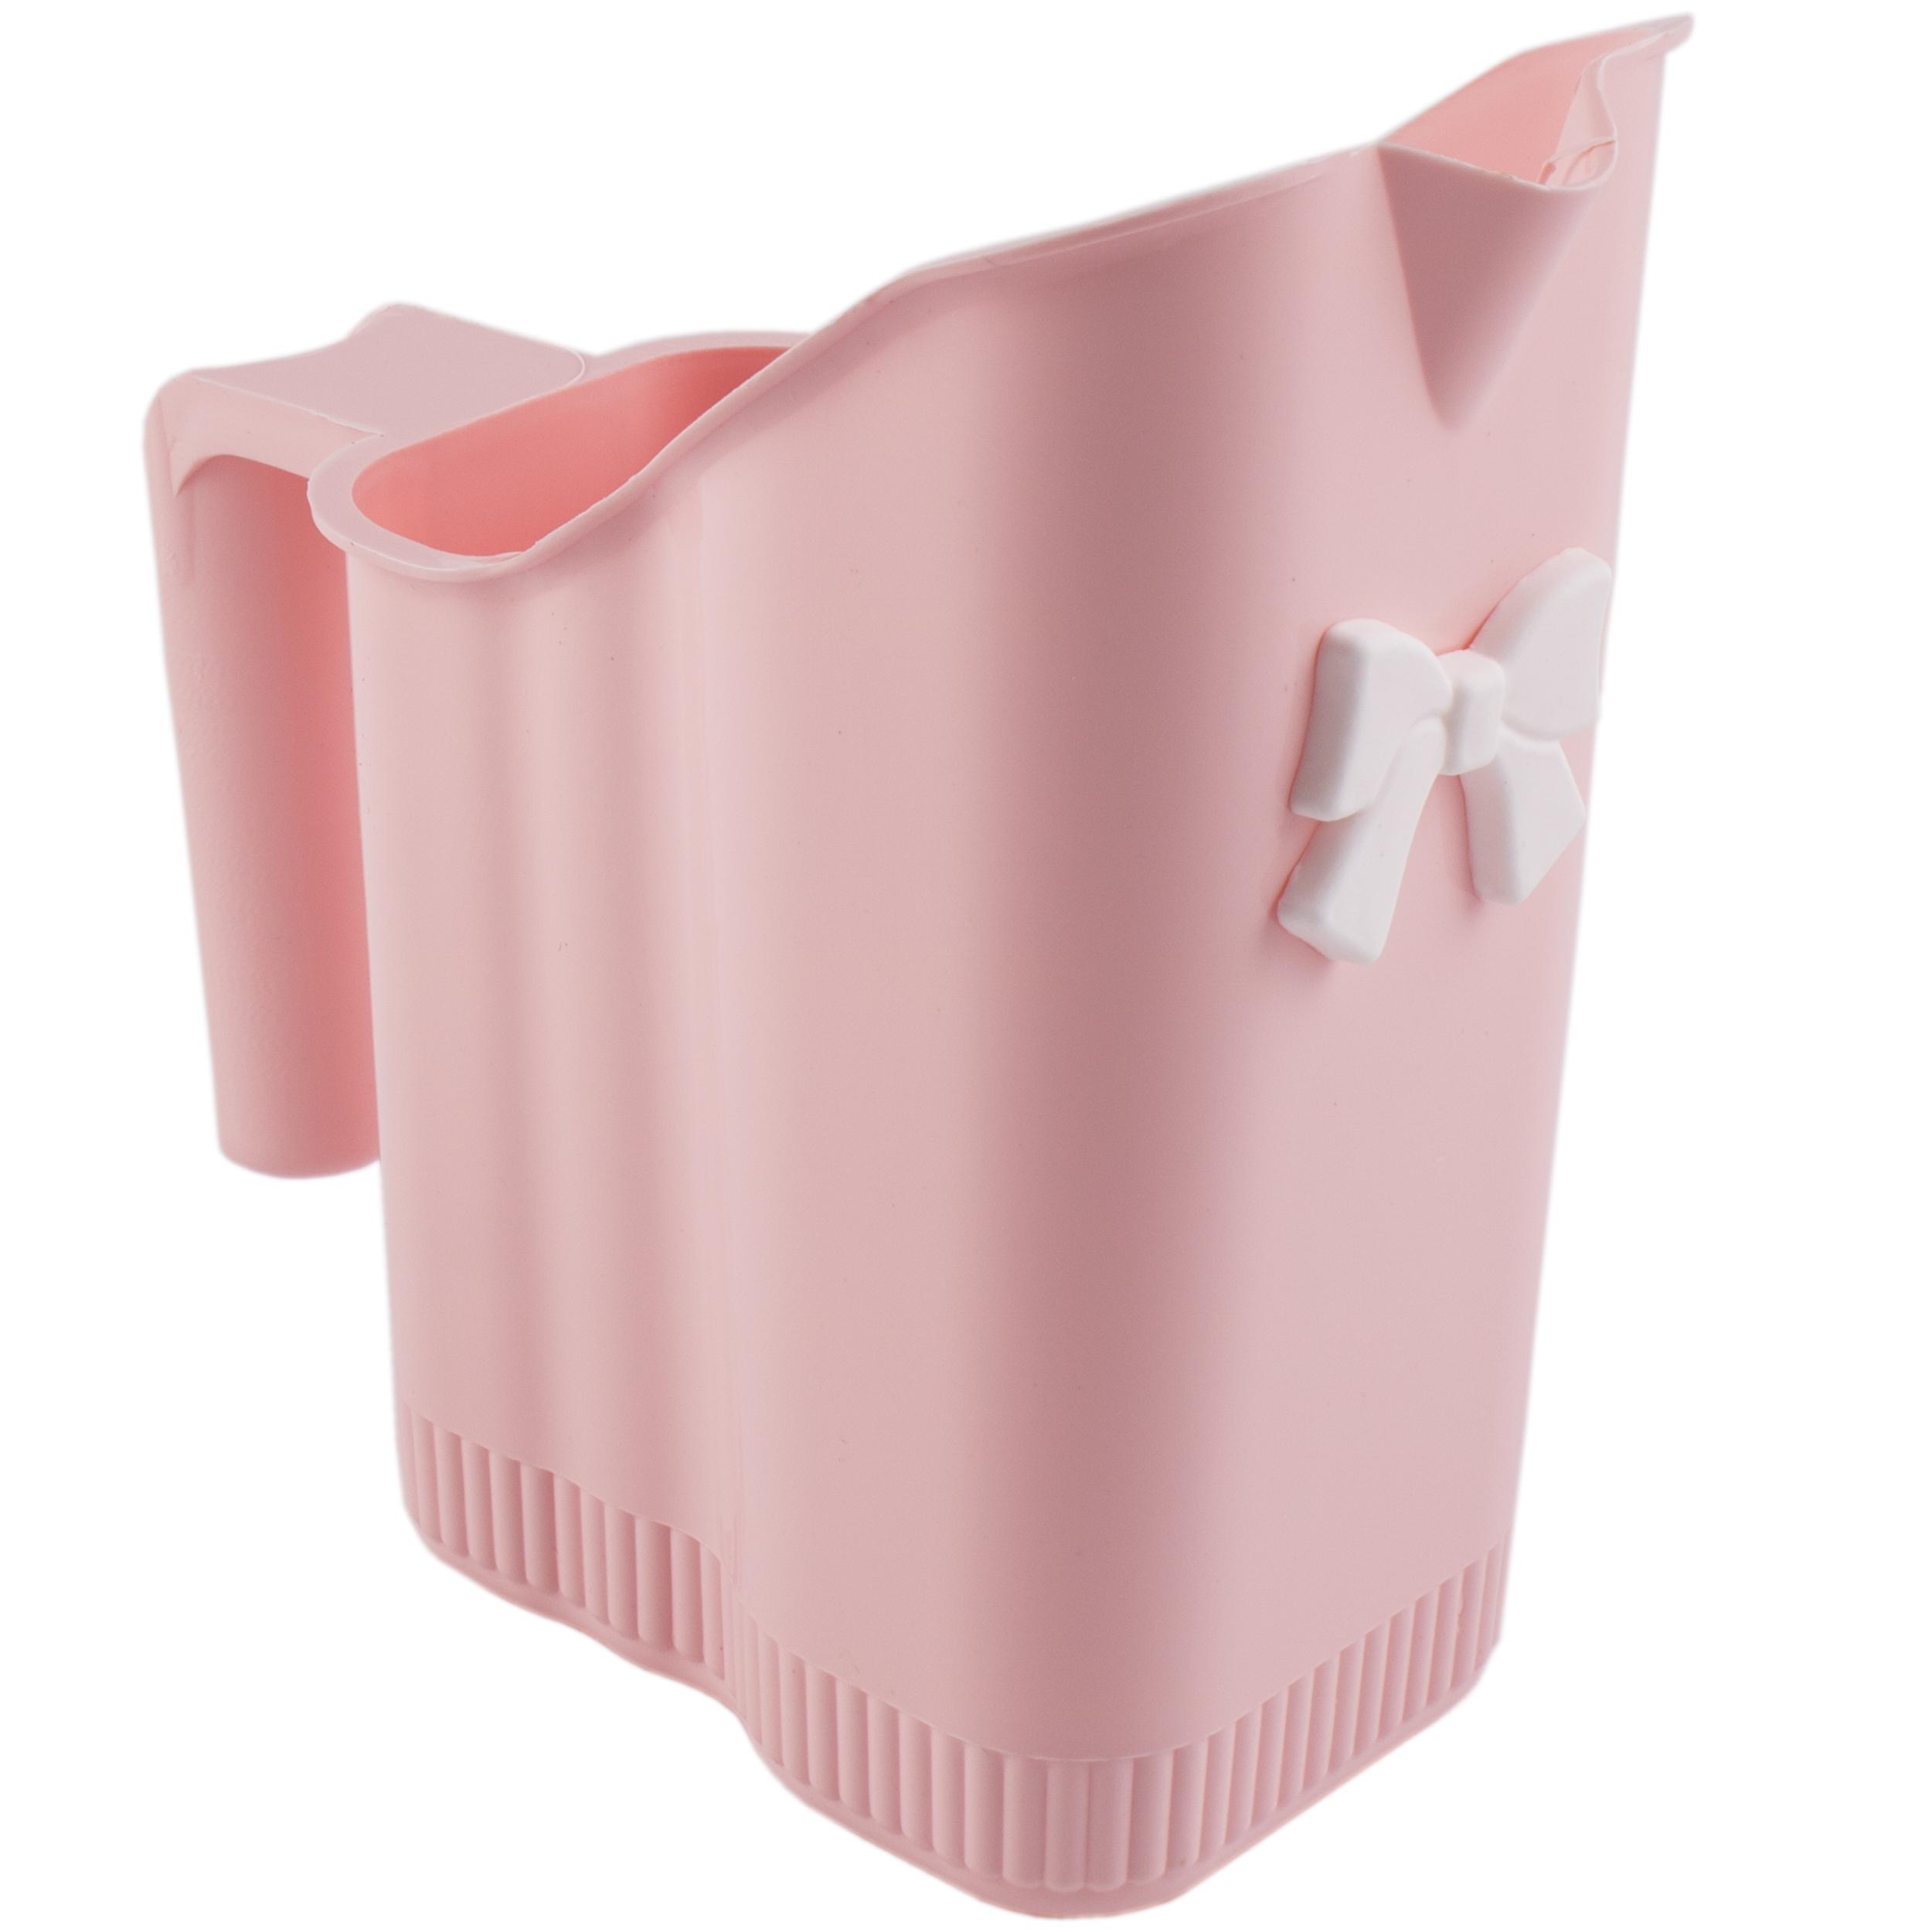 ظرف نگهدارنده شیر بازن مدل لایف 1010